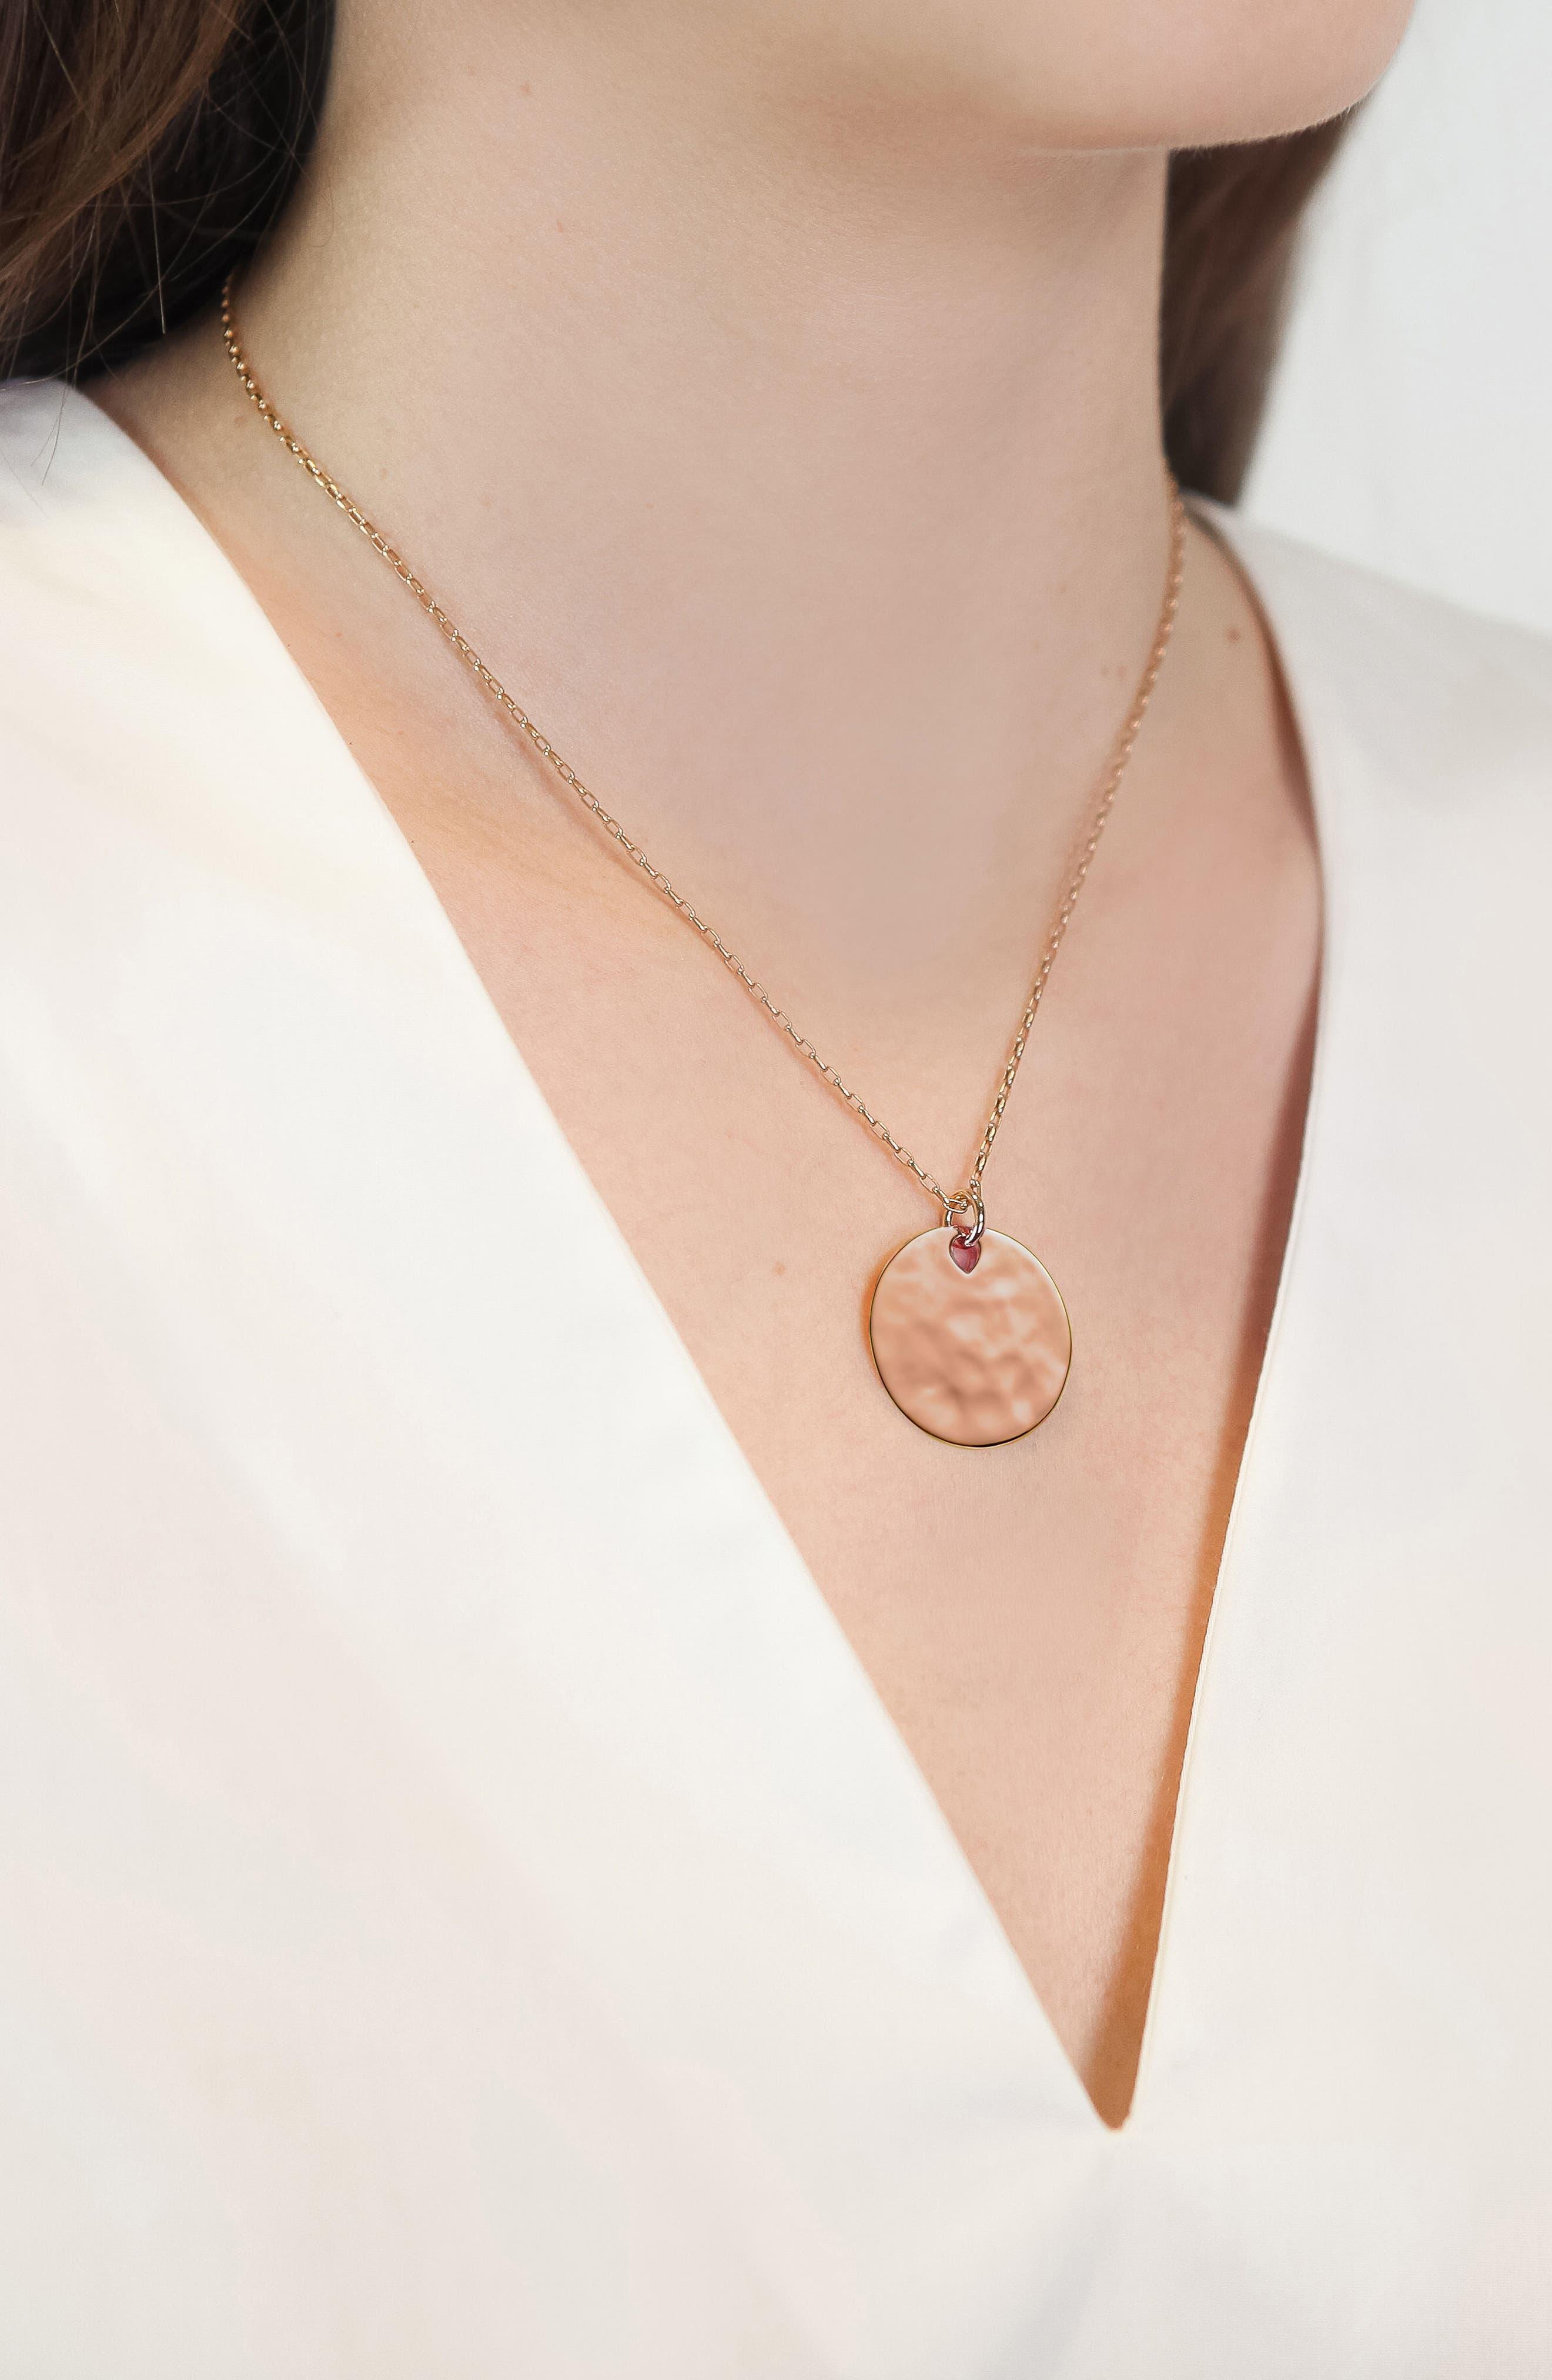 Engravable Havana Round Pendant Charm,                         Main,                         color, ROSE GOLD